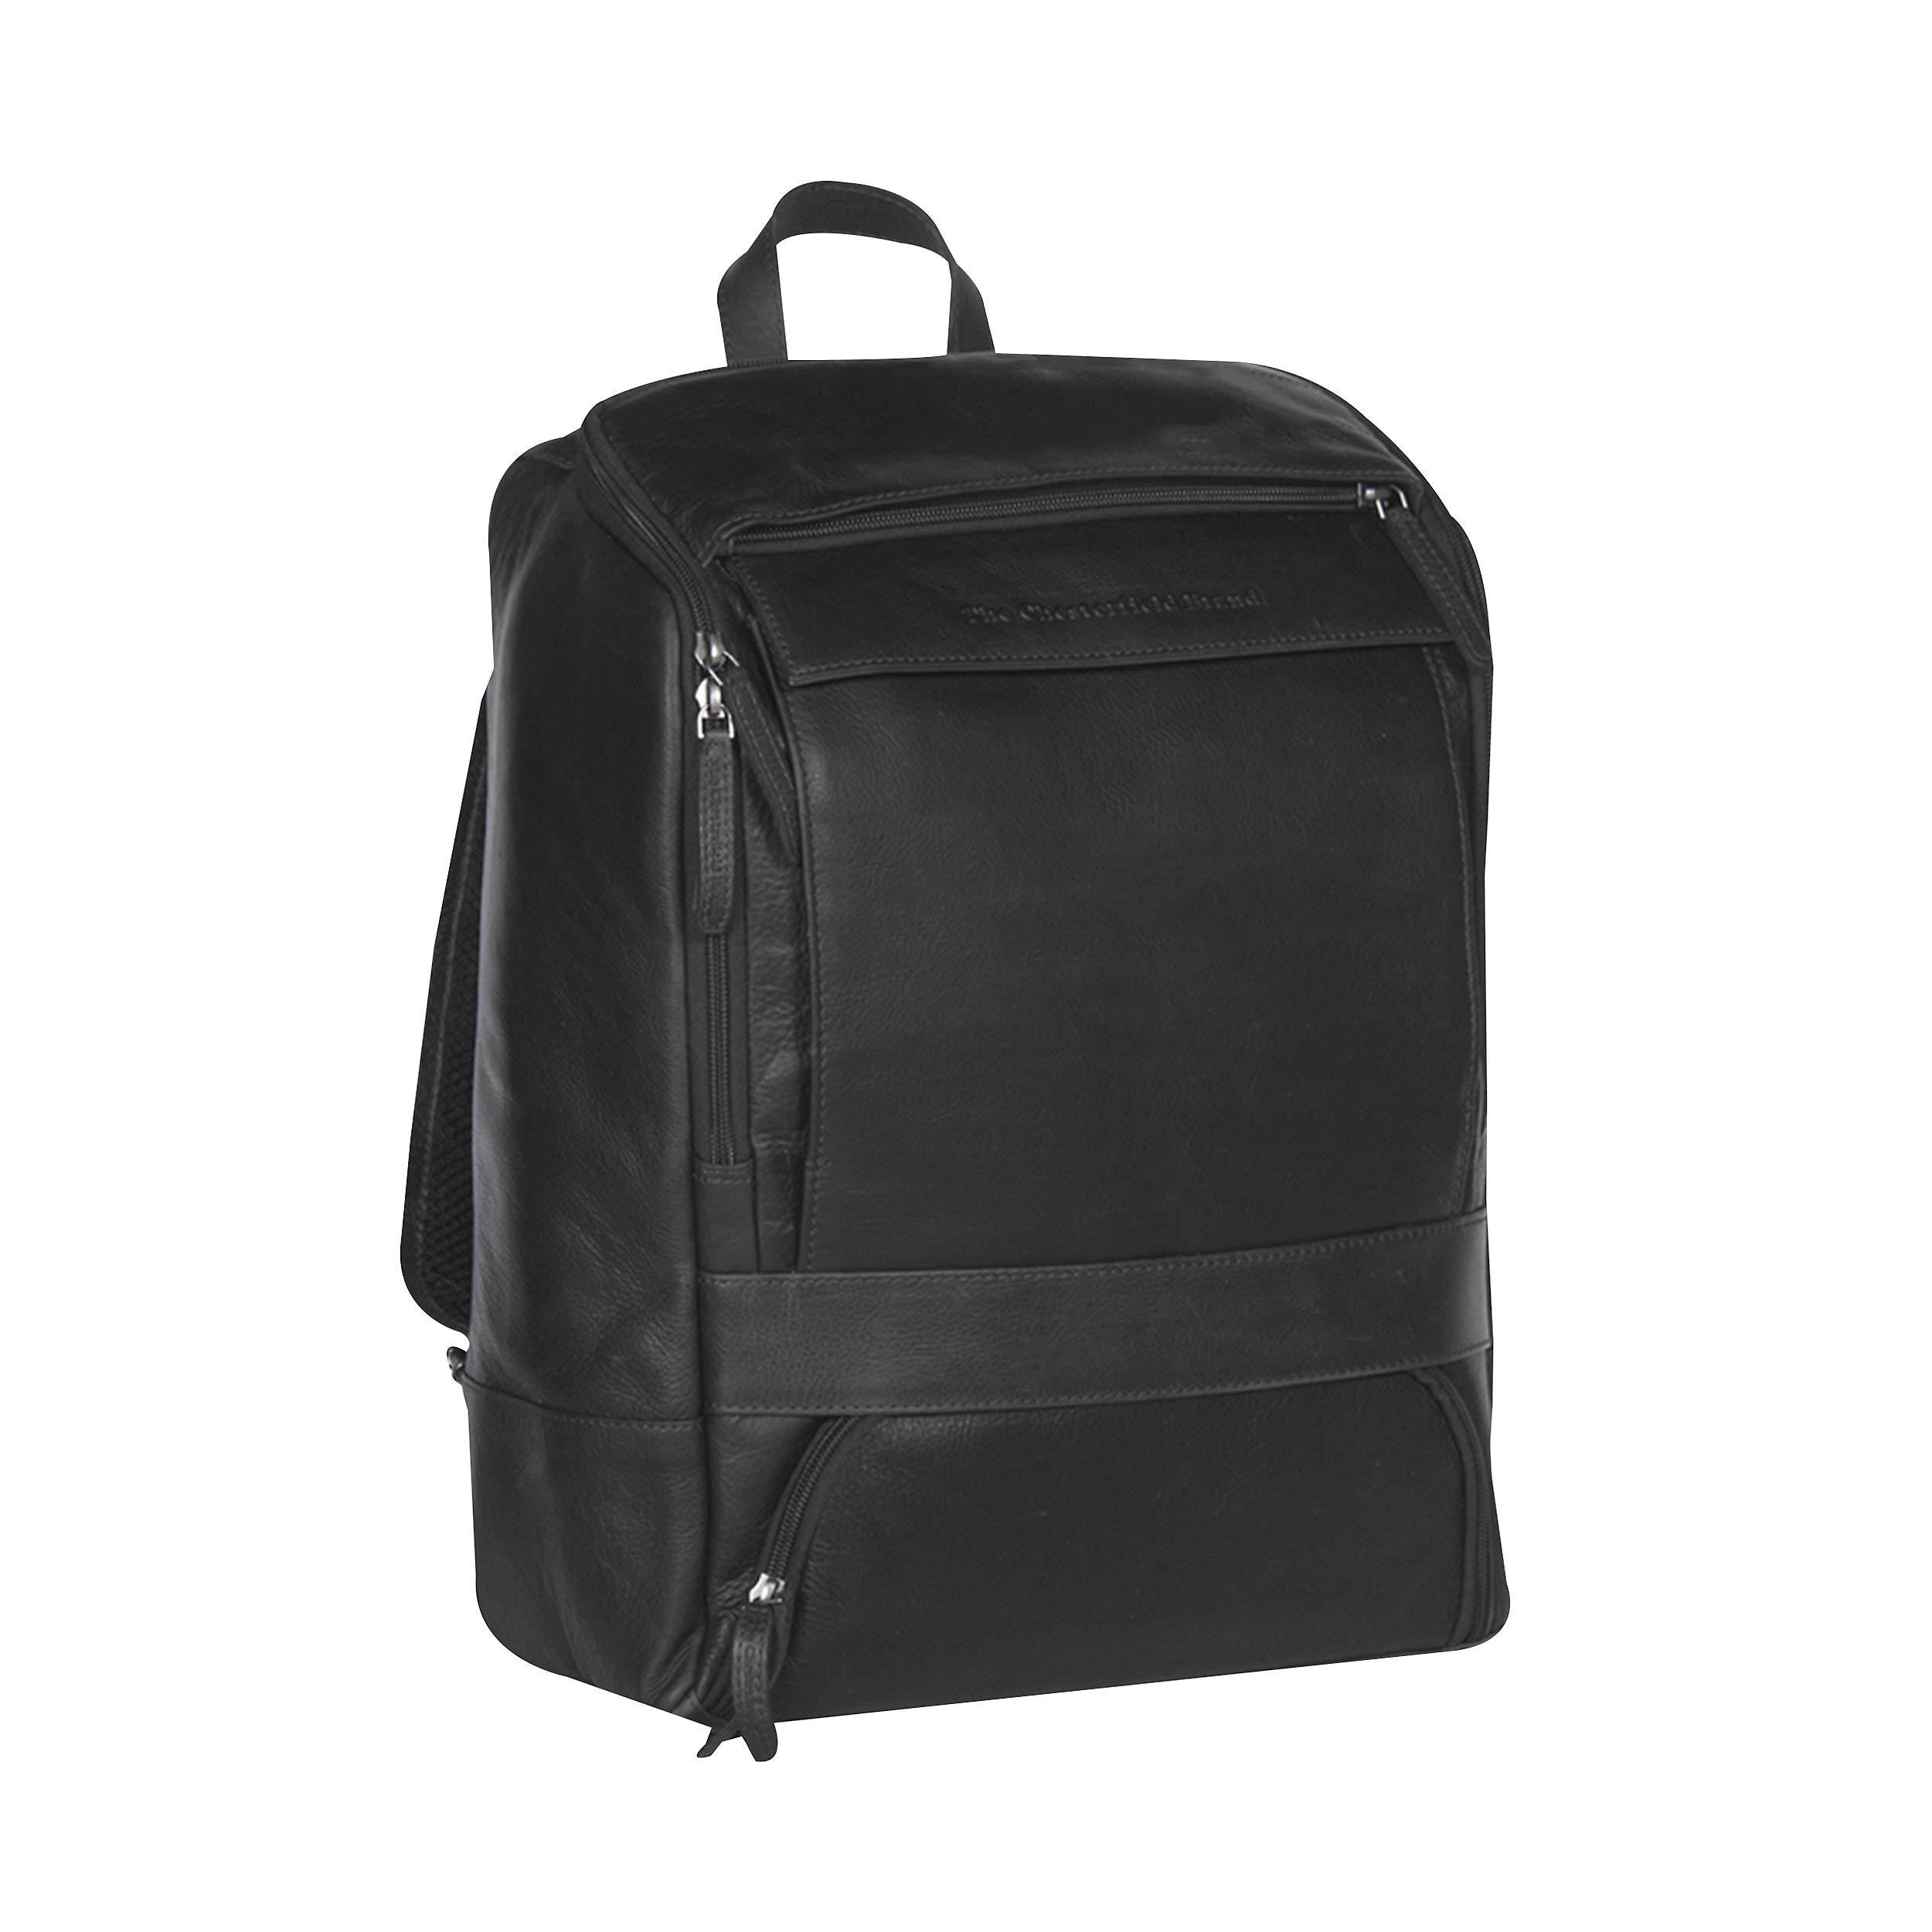 The Chesterfield Brand Handtaschen Taschen C58.0157 Schwarz 2QgZb